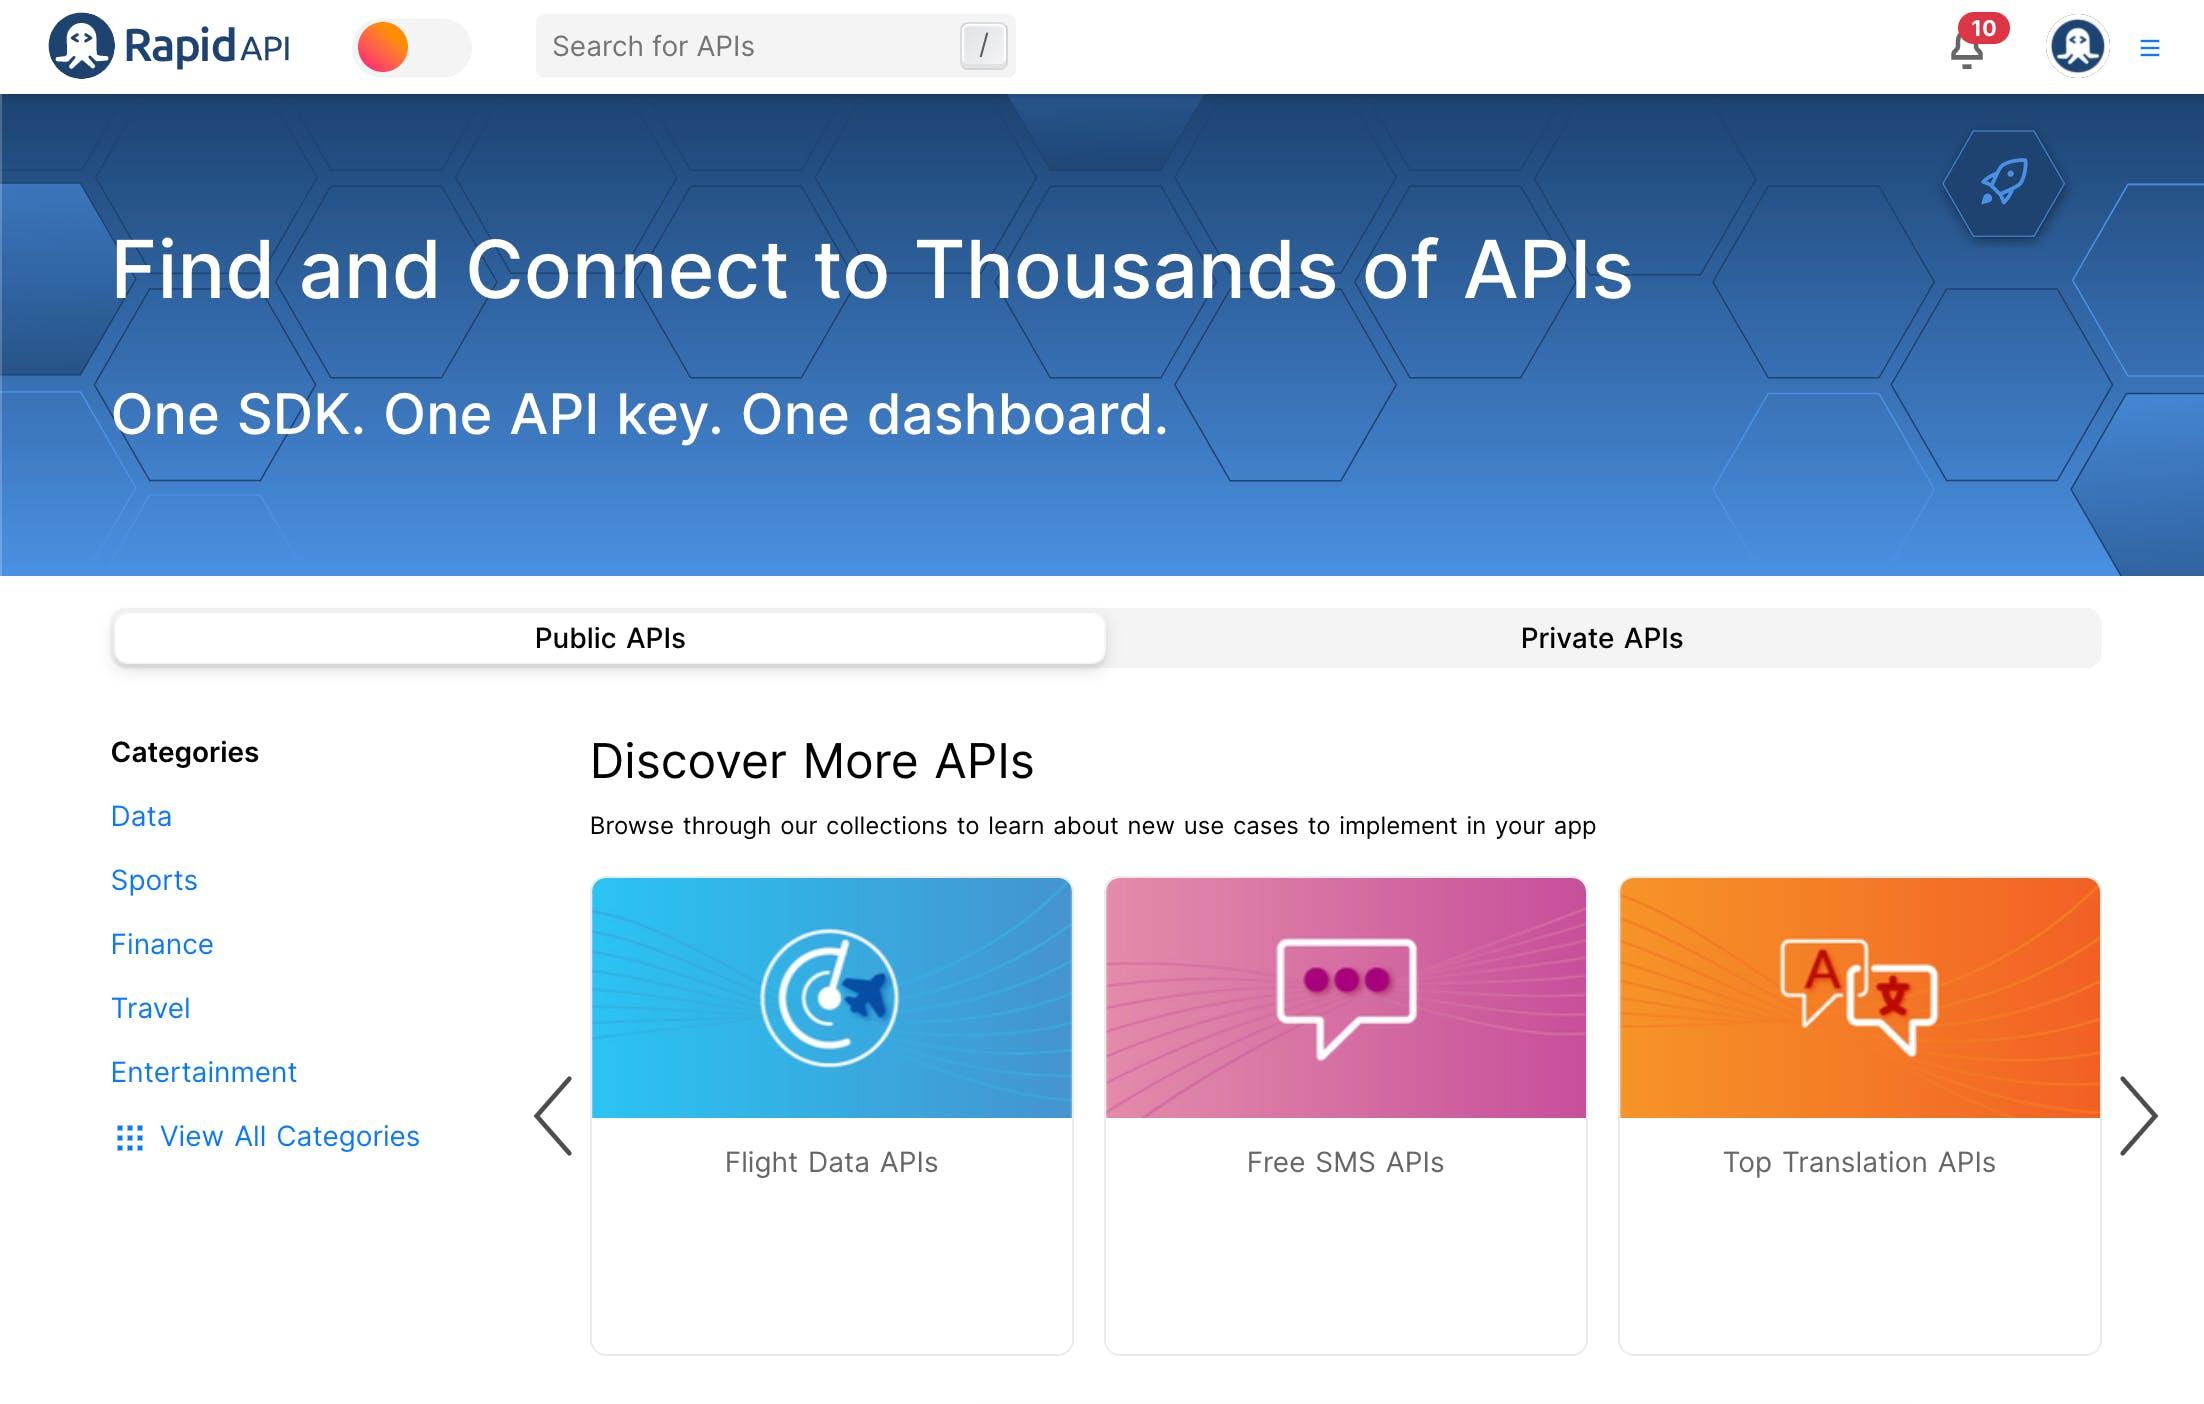 Screenshot of RapidAPI webpage